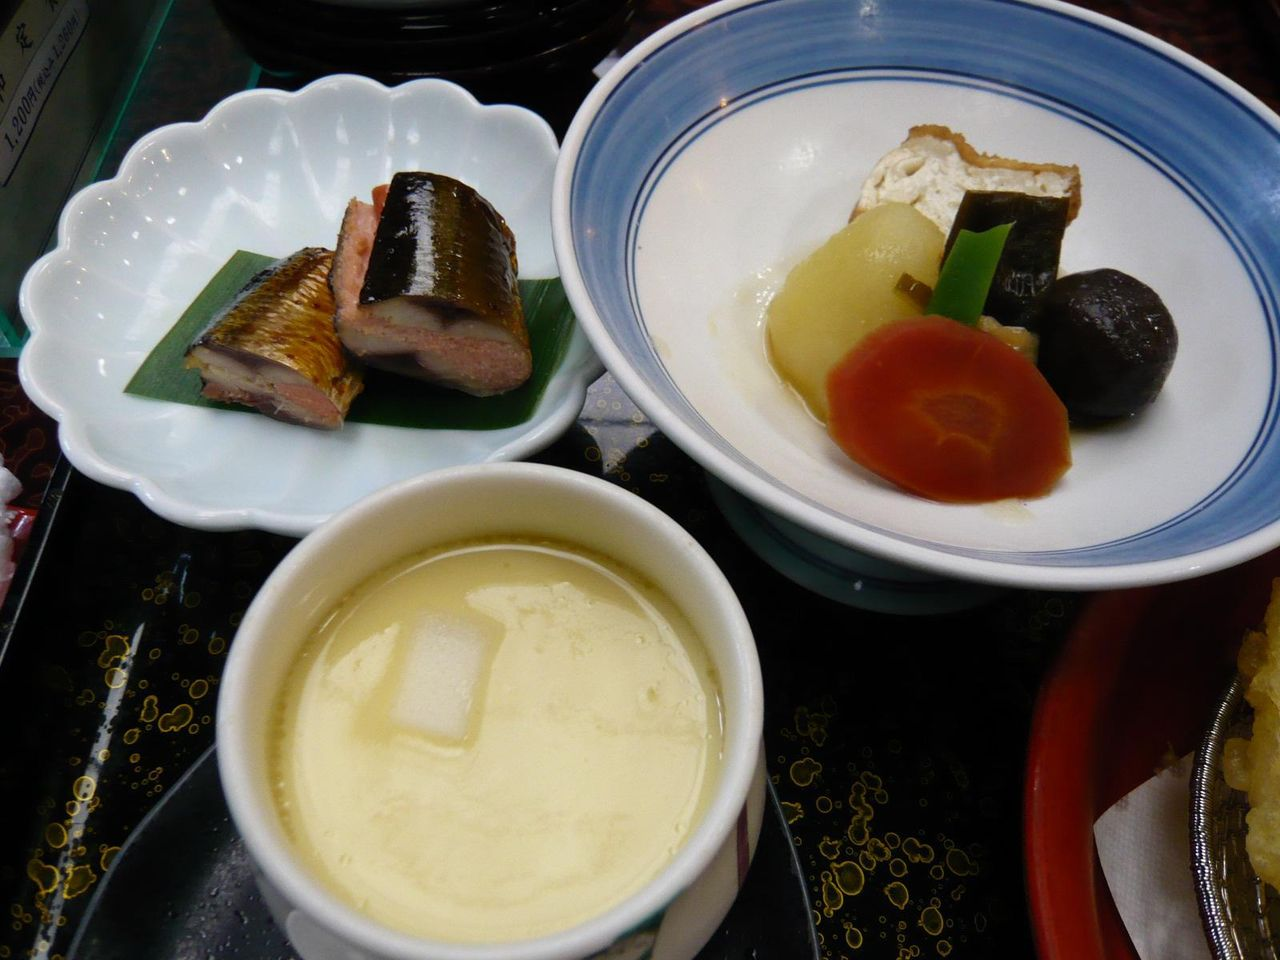 サンマ明太子、茶碗蒸し、煮物